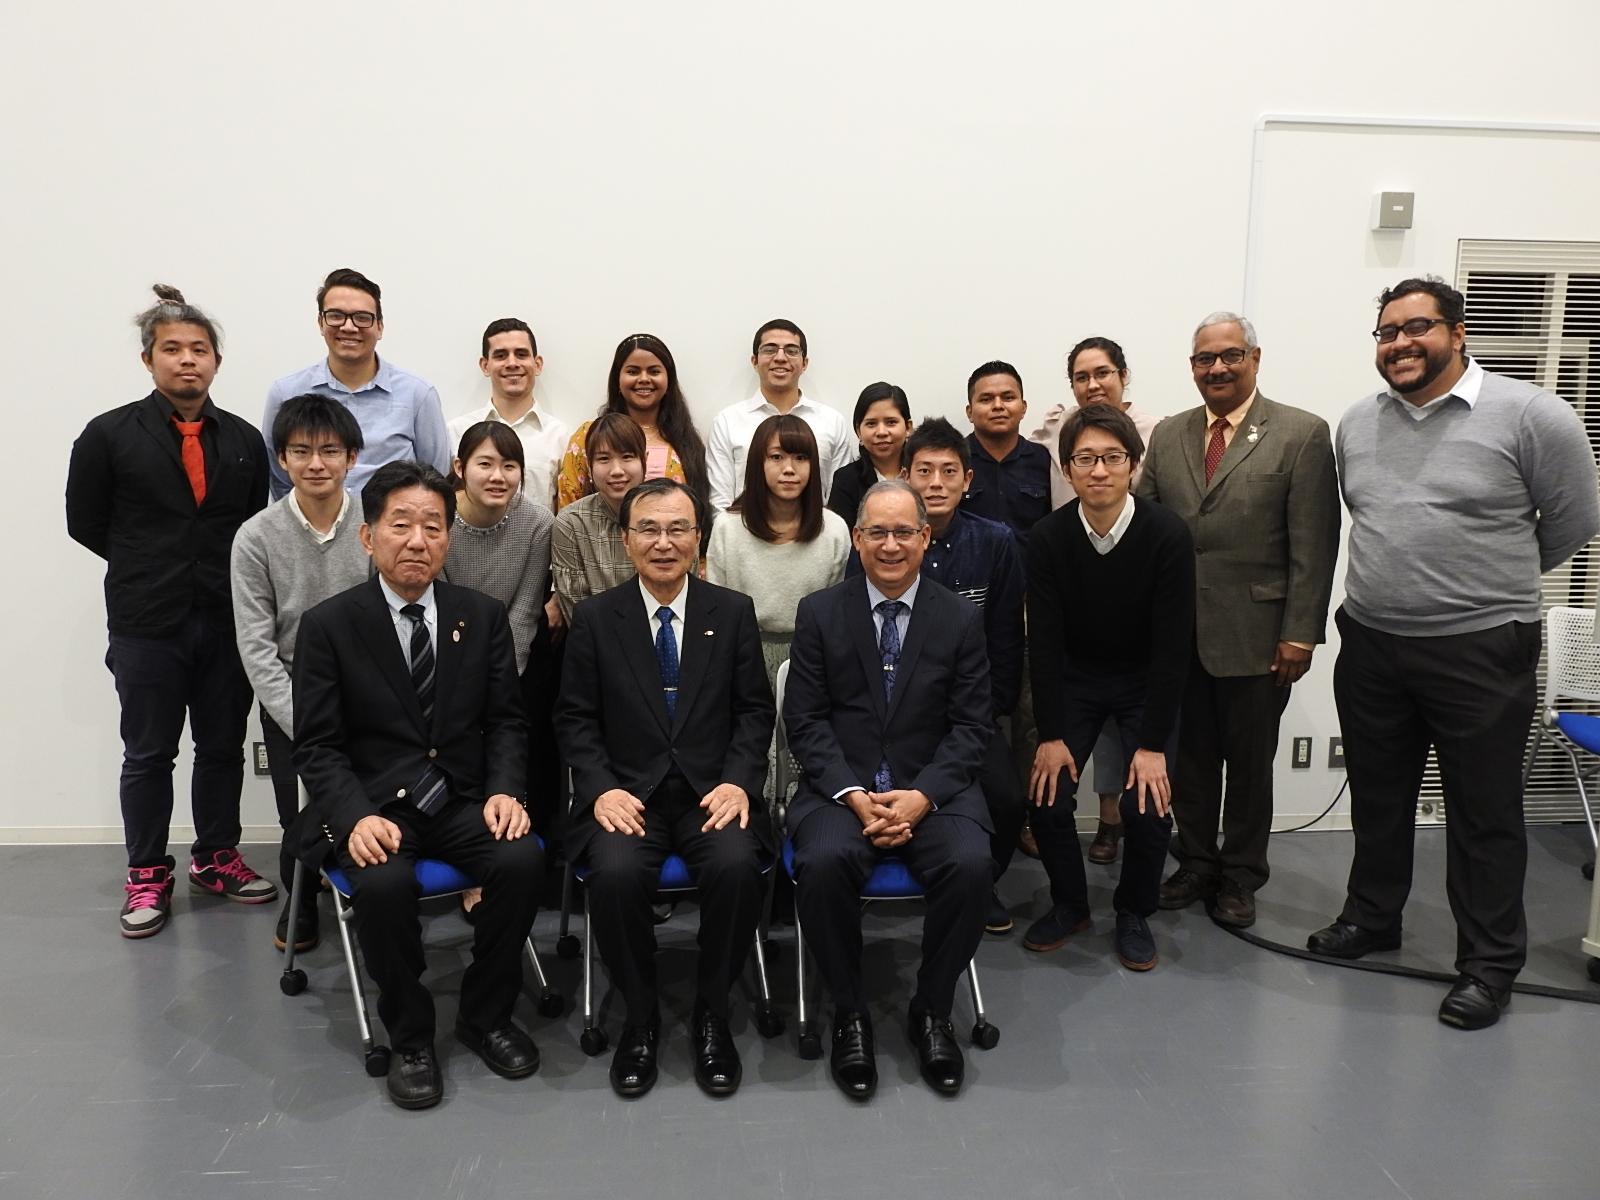 ディアス大使、徳久学長、鈴木会長、パナマ大学、パナマ工科大学、千葉大学の教授、学生とともに